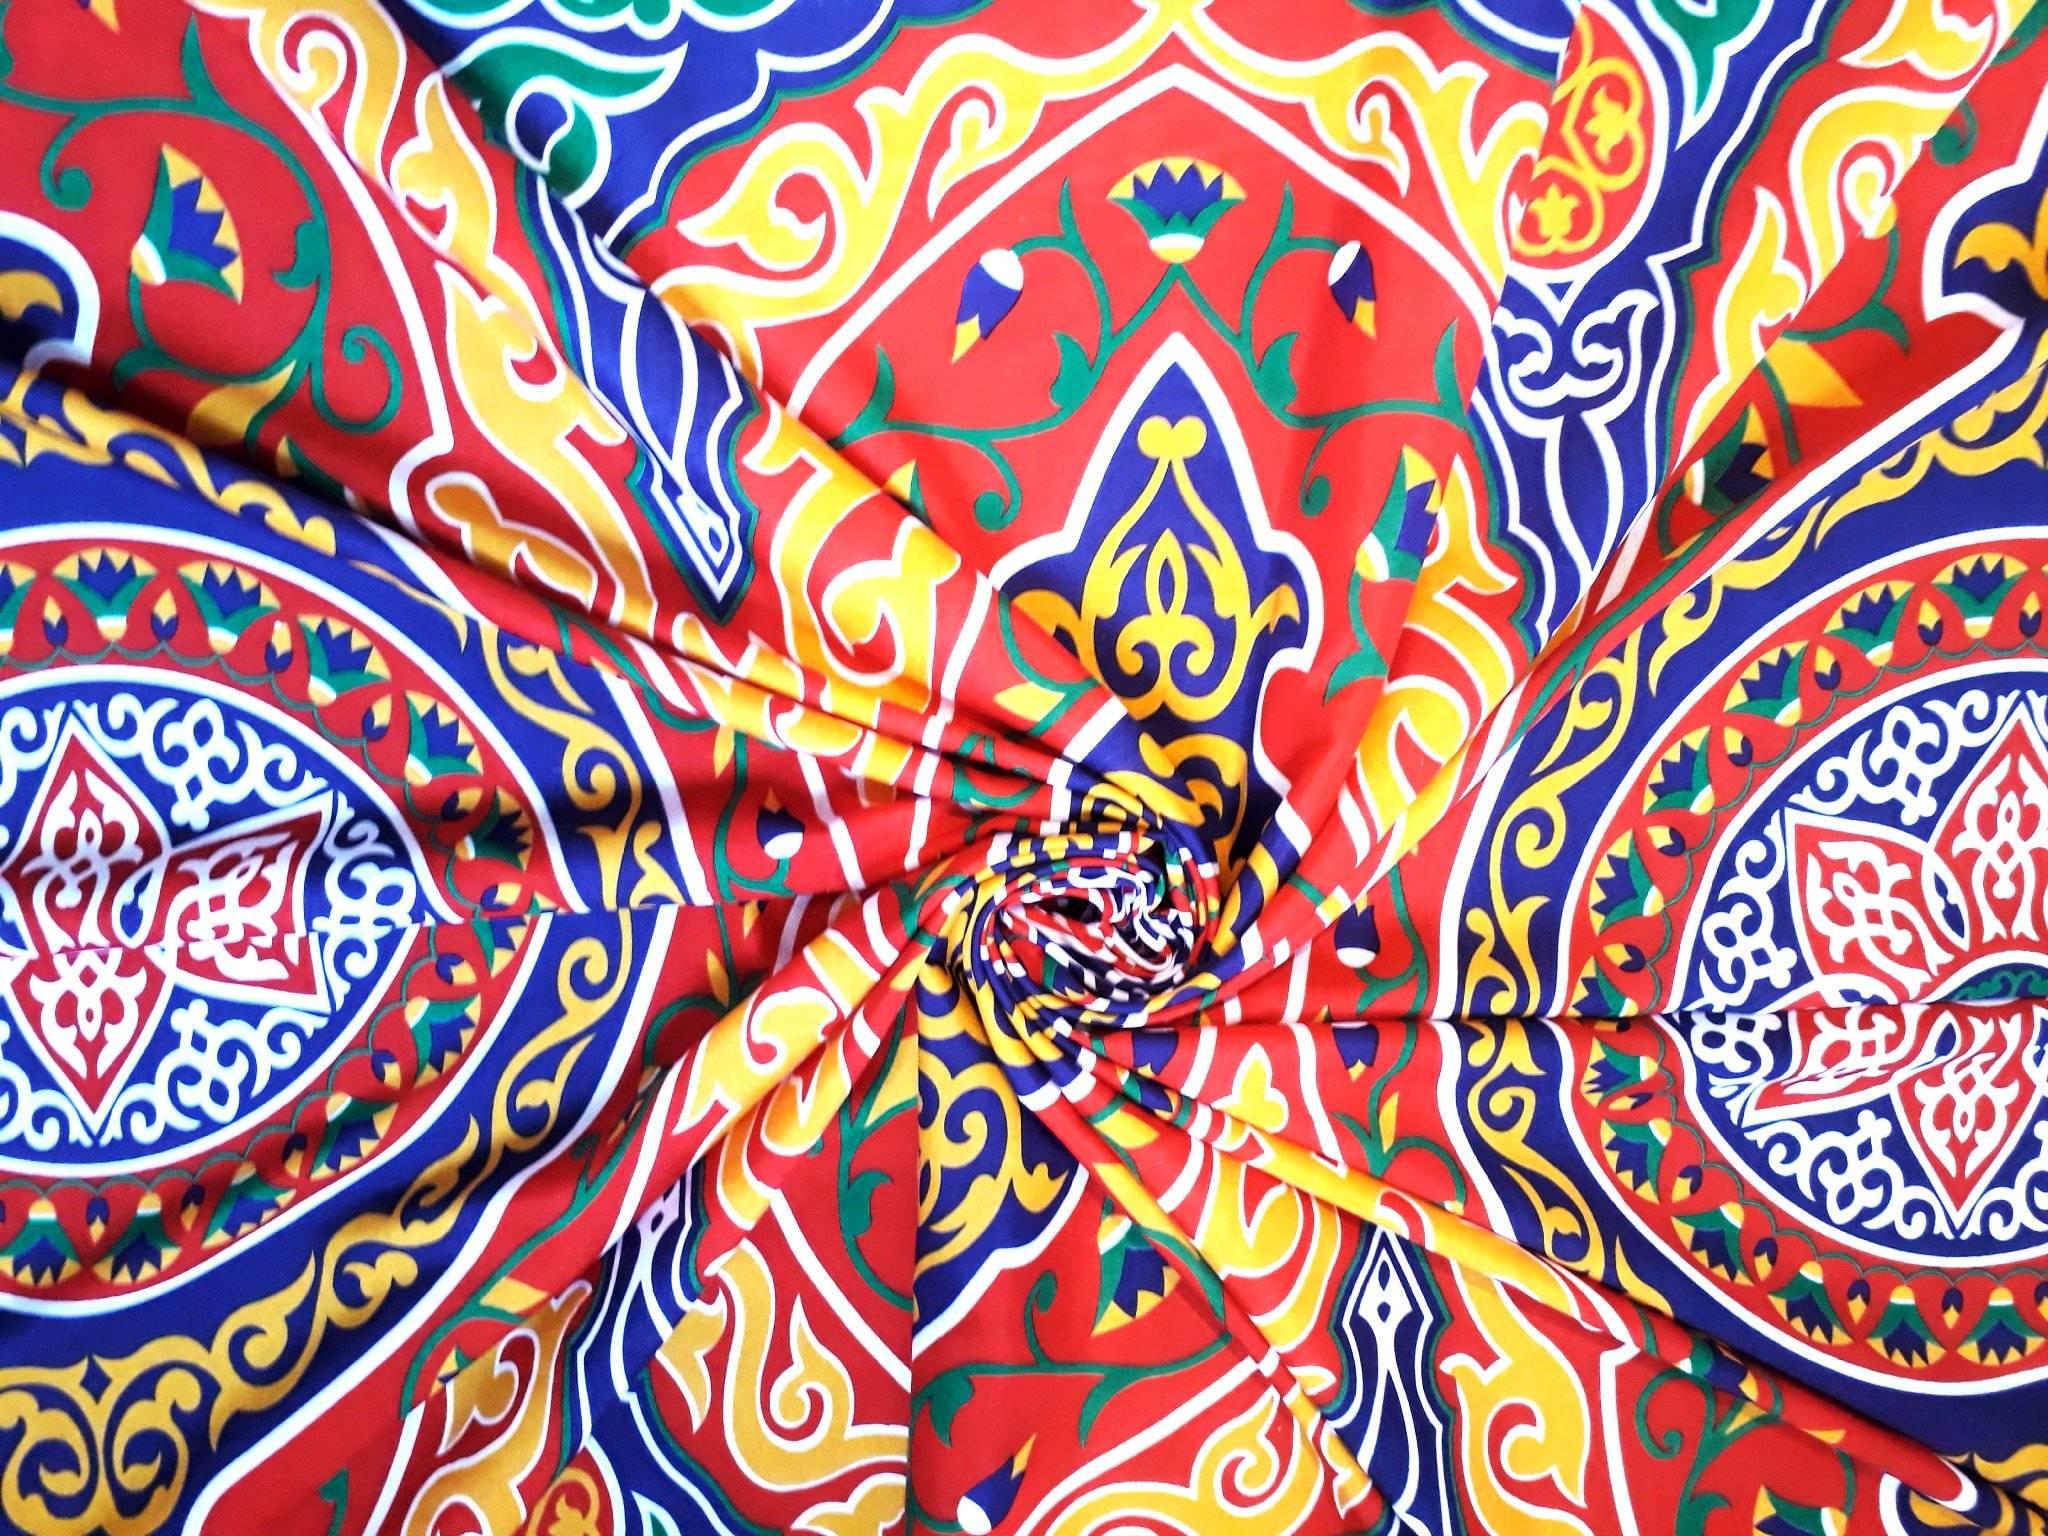 Tissu égyptien léger en polycoton . Prix pour un mandala = 60 cm.